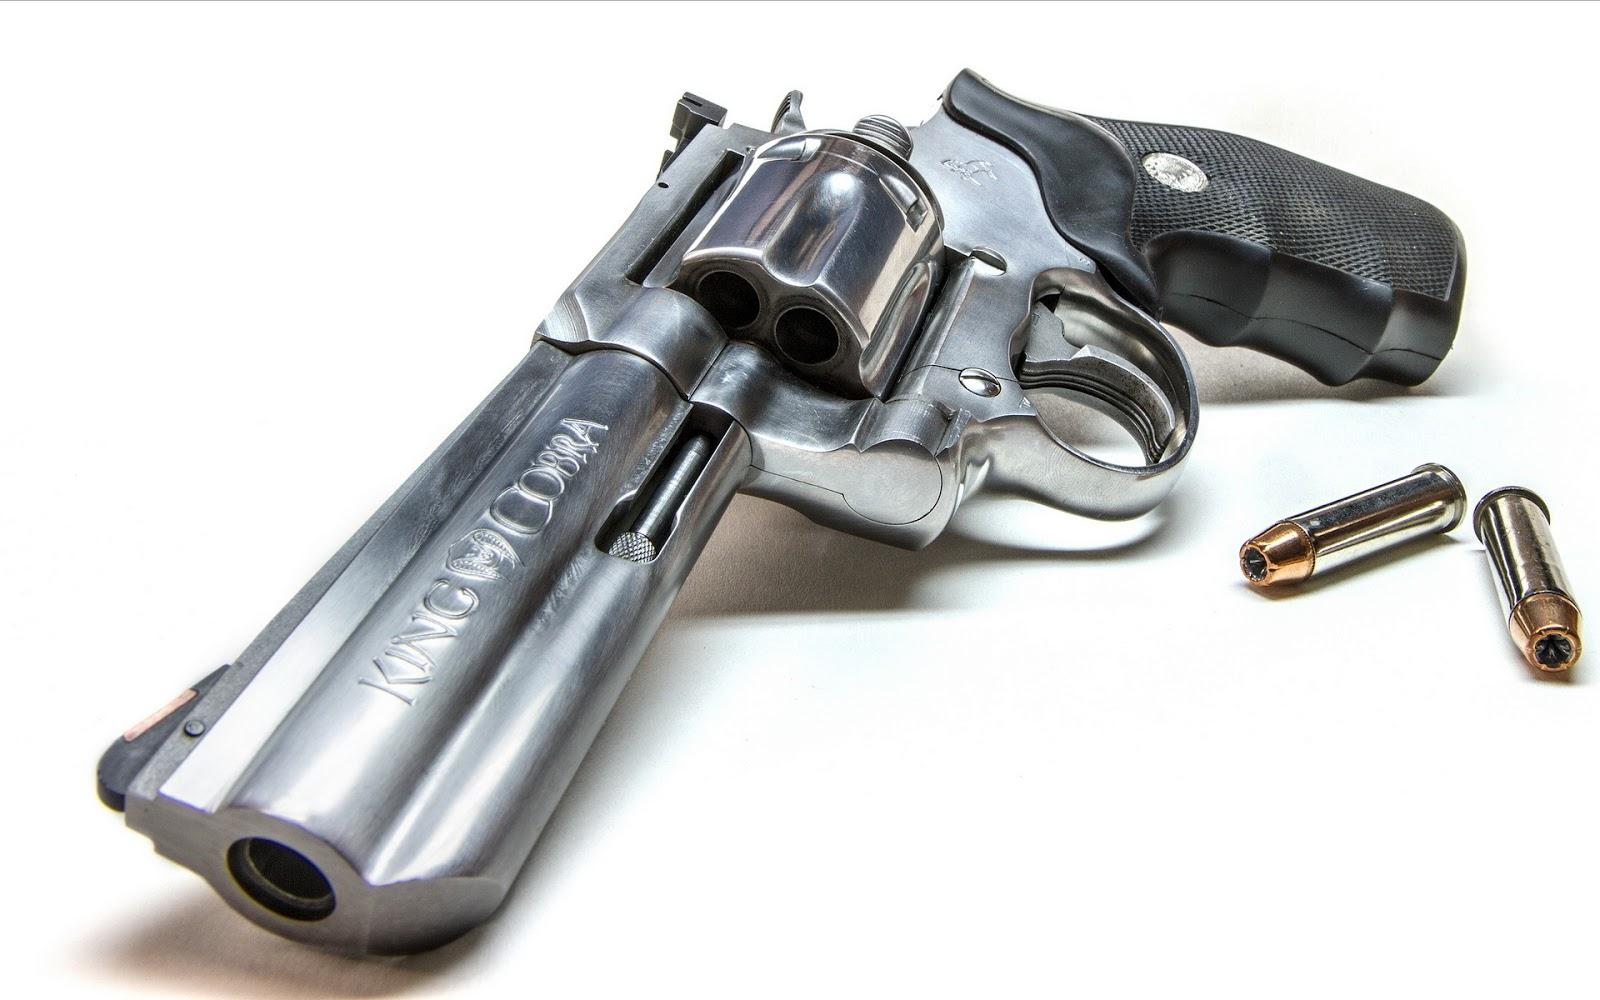 Datování colt pistole